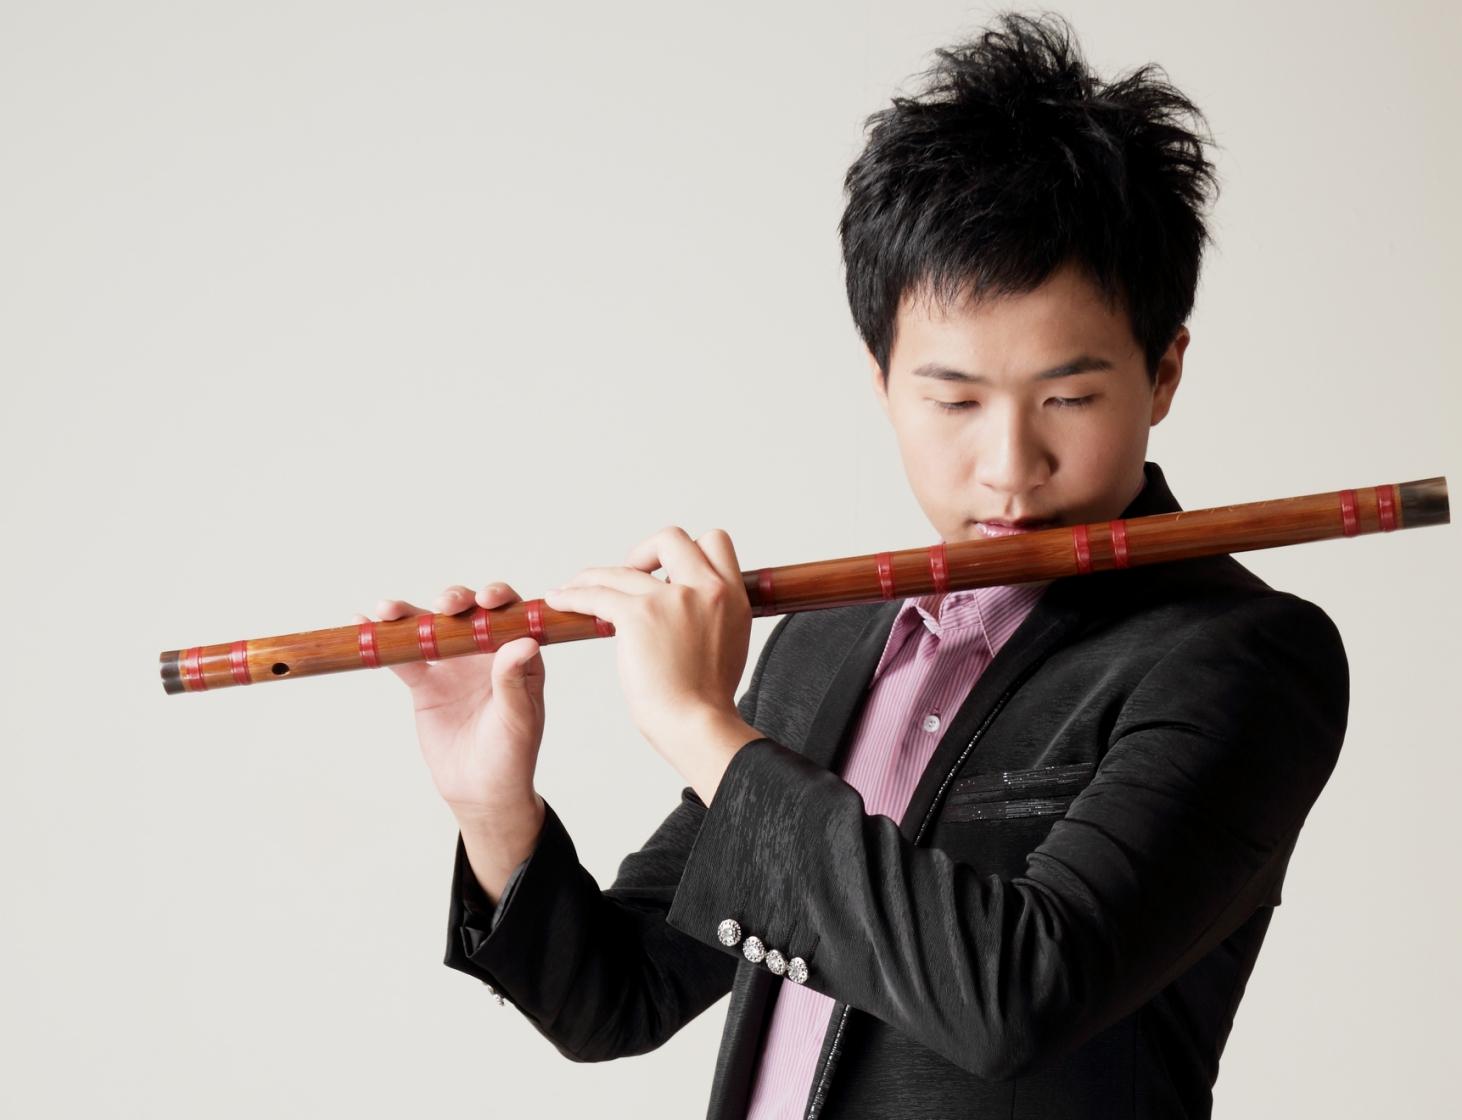 台中竹笛教學,淡水北投竹笛教學,台北洞簫老師